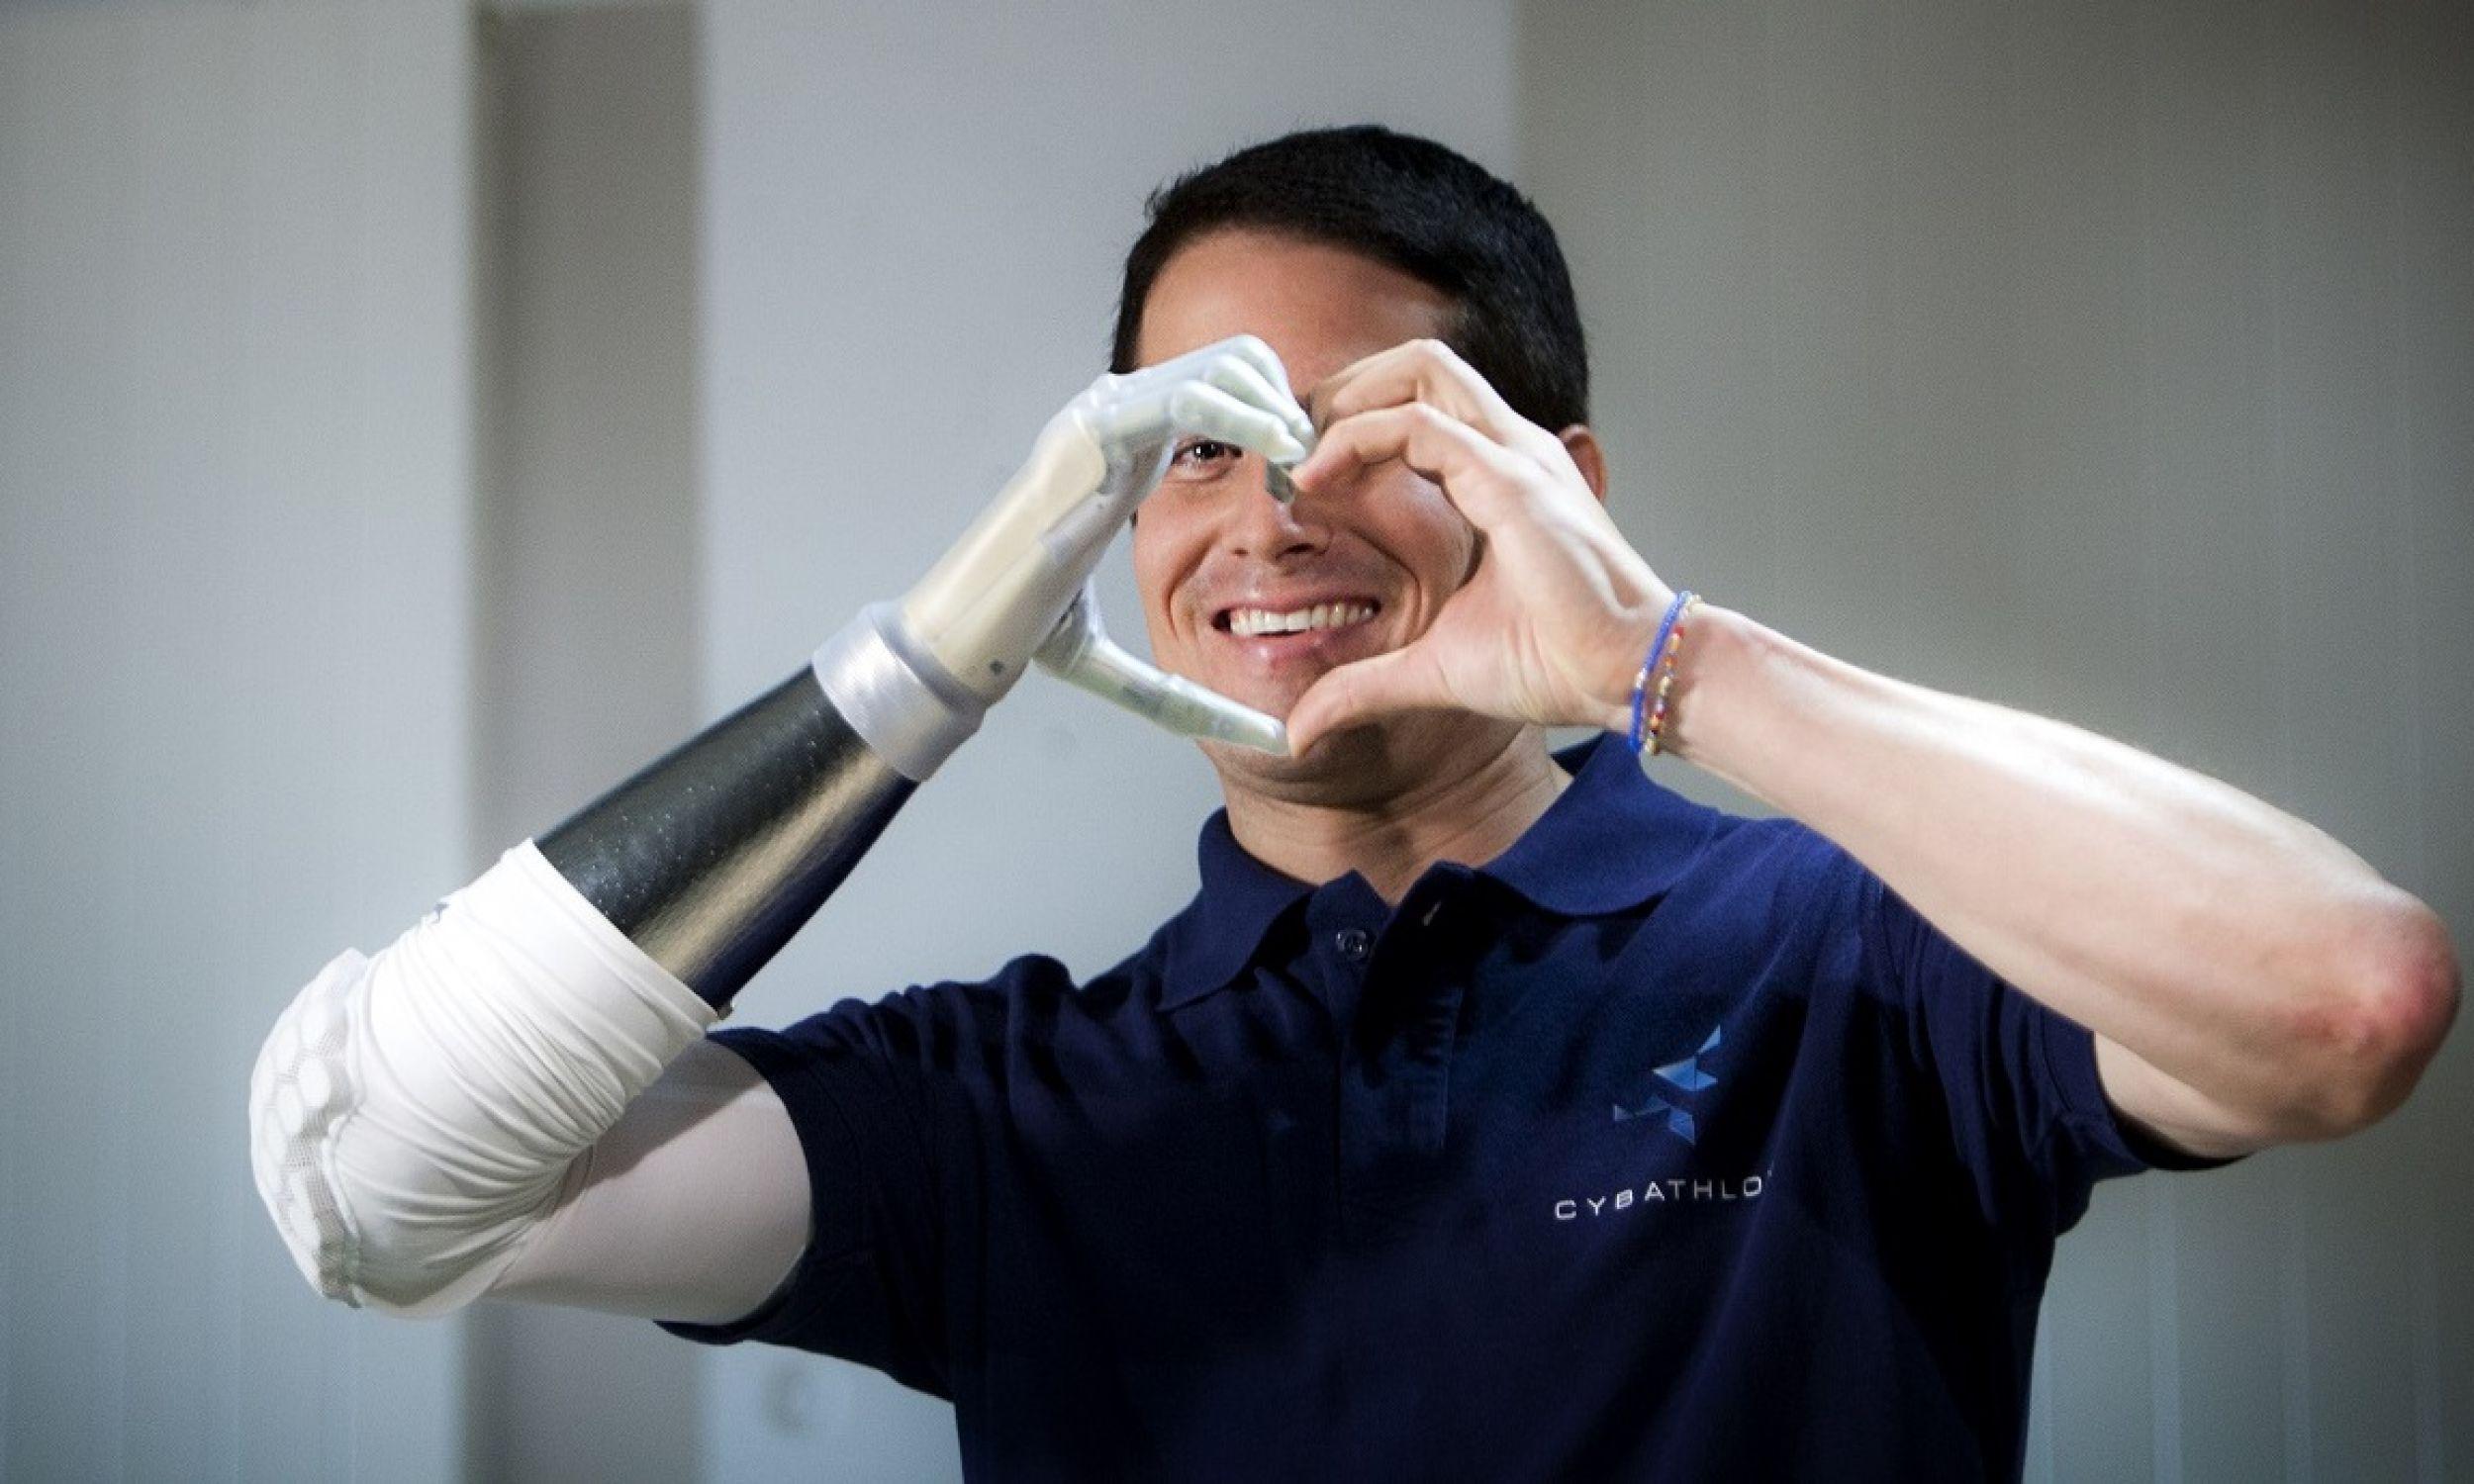 Michel Fornasier z bioniczną protezą dłoni, demonstruje mediom wynalazek Cybathlonu. Michel opanowywał umiejętność posługiwania się swoją bioniczną ręką ponad rok. Fot. BSIP / Universal Images Group via Getty Images